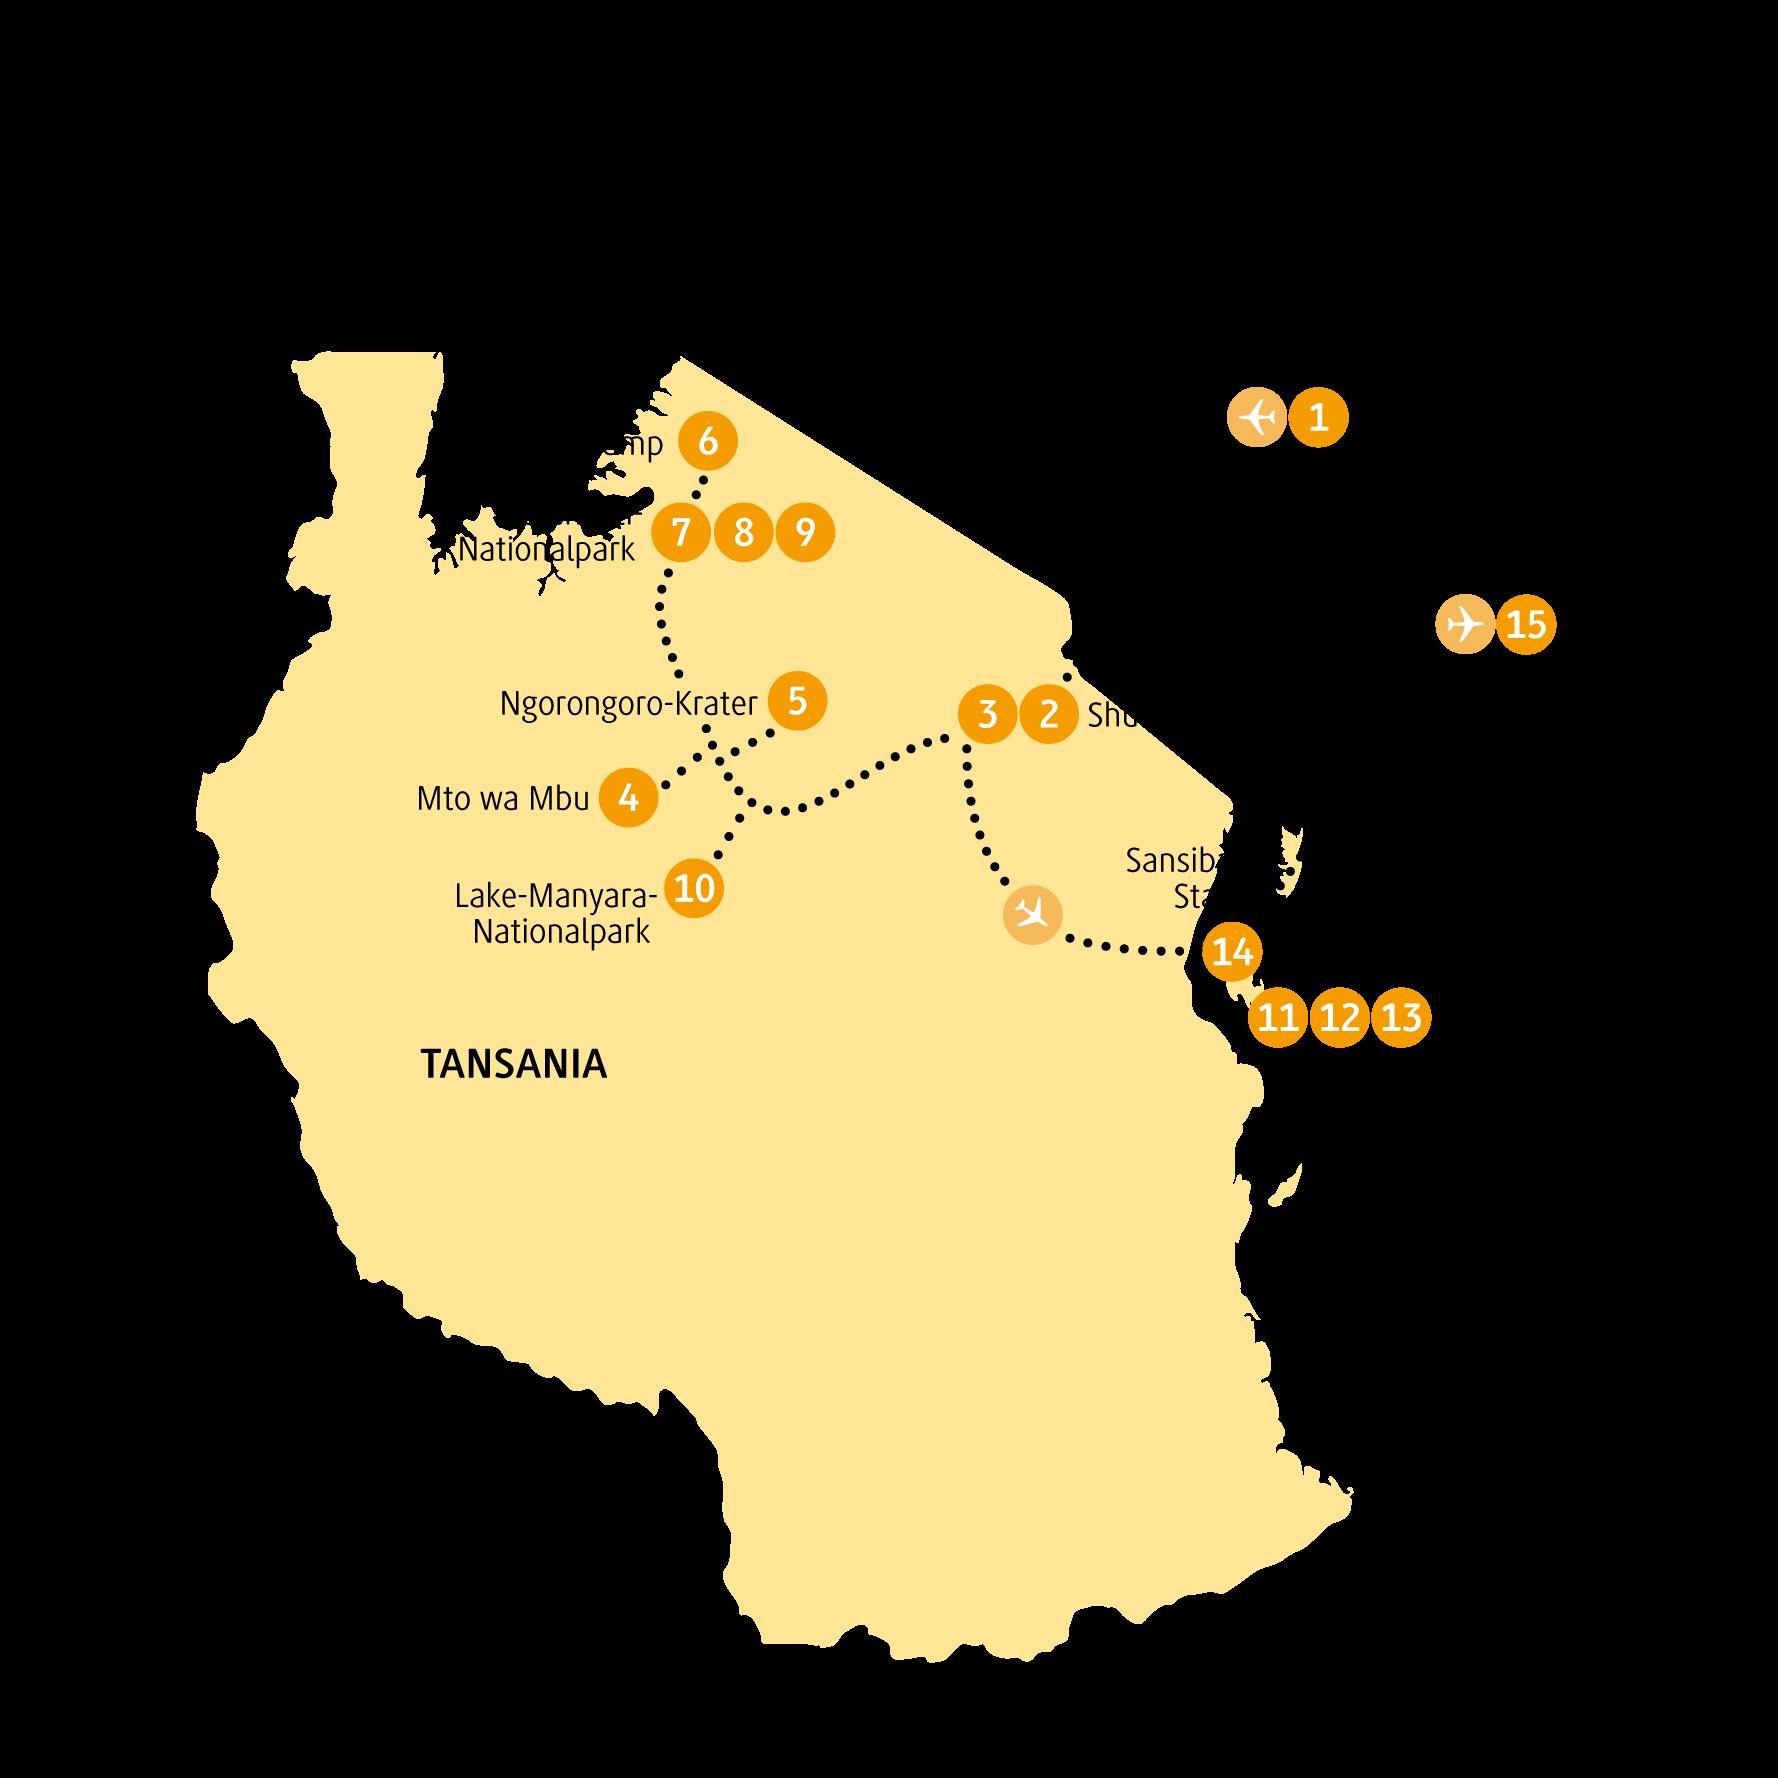 Erlebe Tansania Mit Chamaloen 15 Tagige Wunderwelten Reise Ngorongoro Durch Tansania Mit Max 12 Teilnehmern Diereisedeineslebens Ta Tansania Reisen Kenia